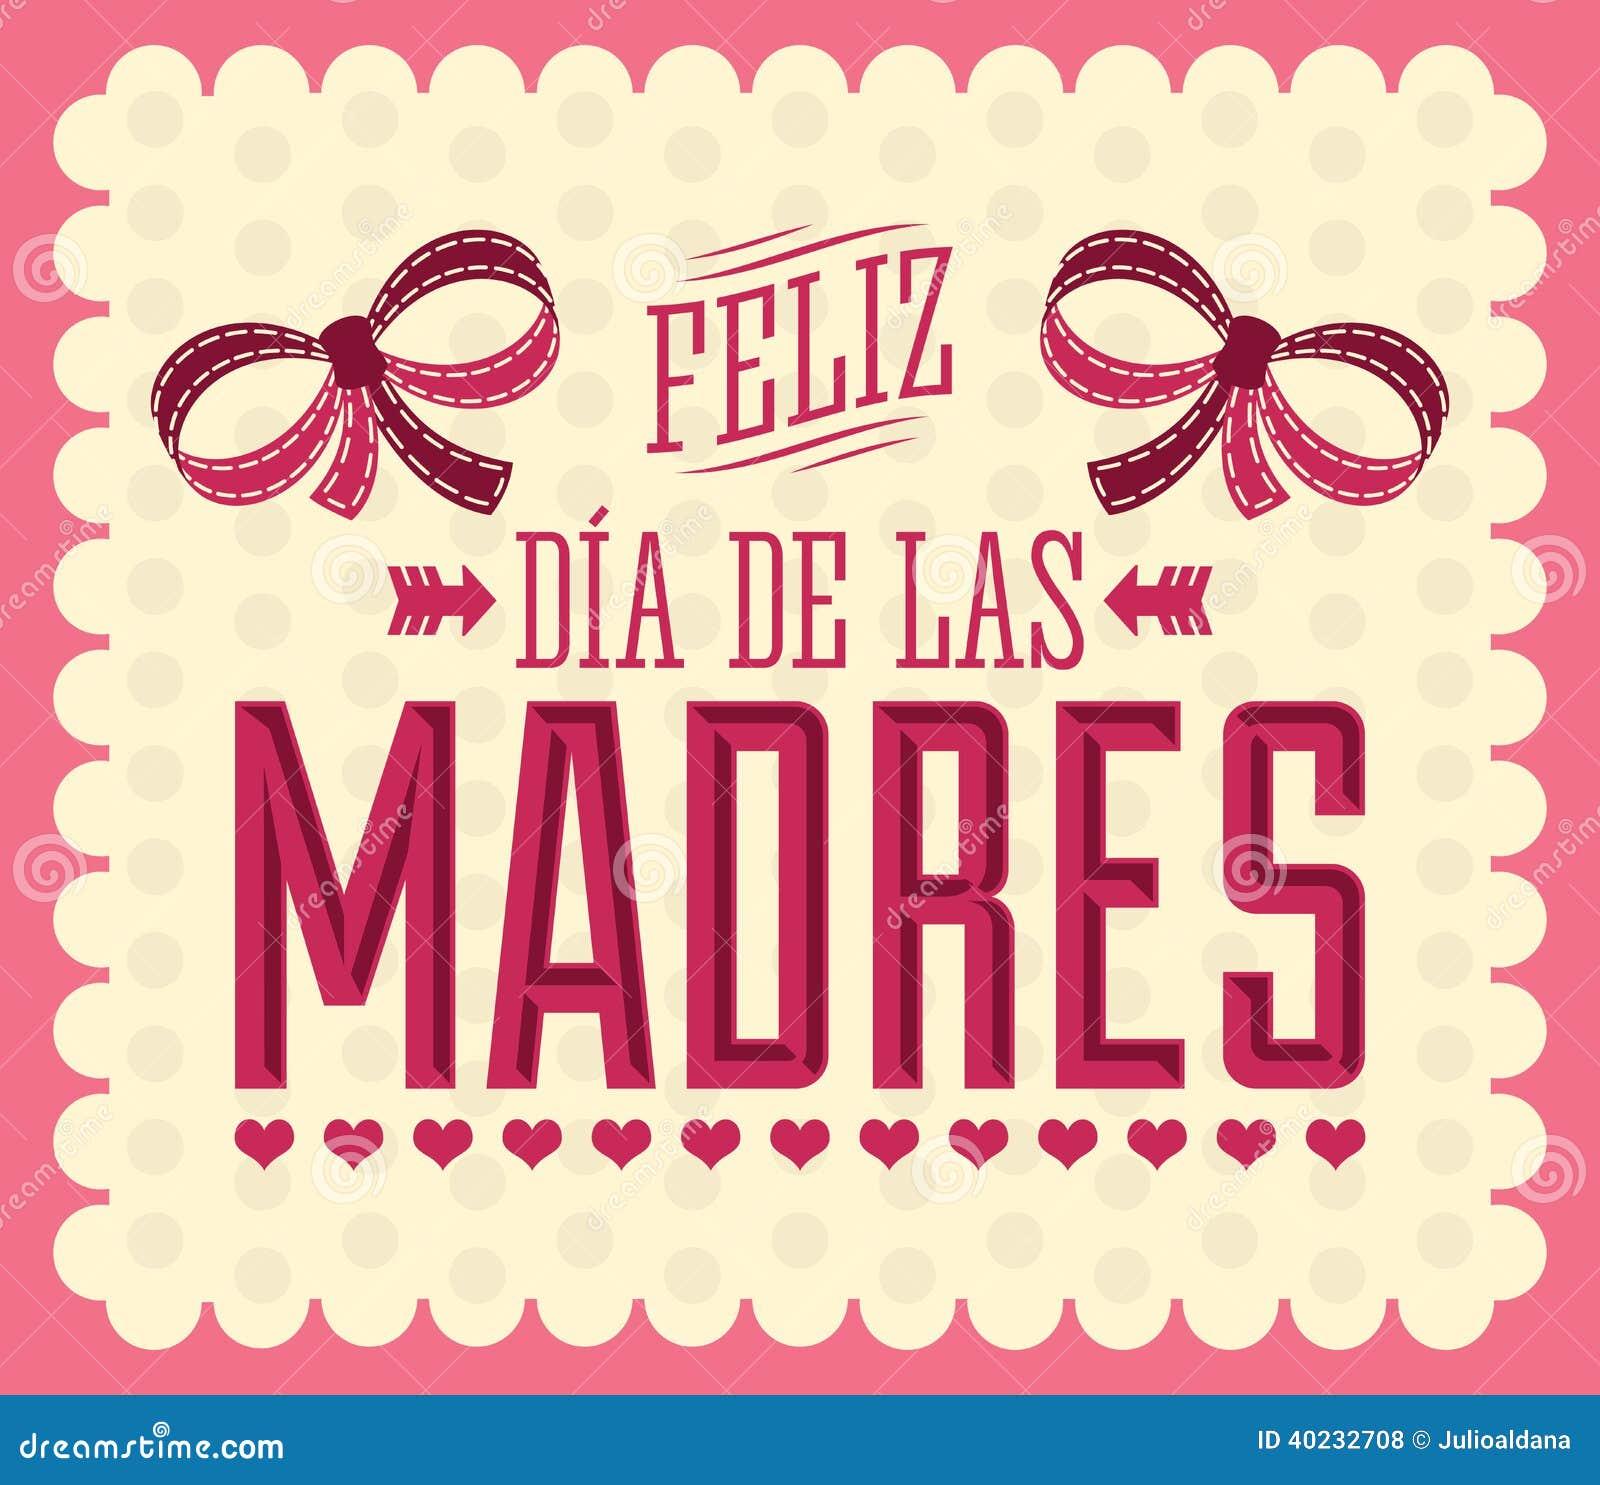 Feliz Dia De Las Madres Espanhol Feliz Do Dia Da Mae S Text